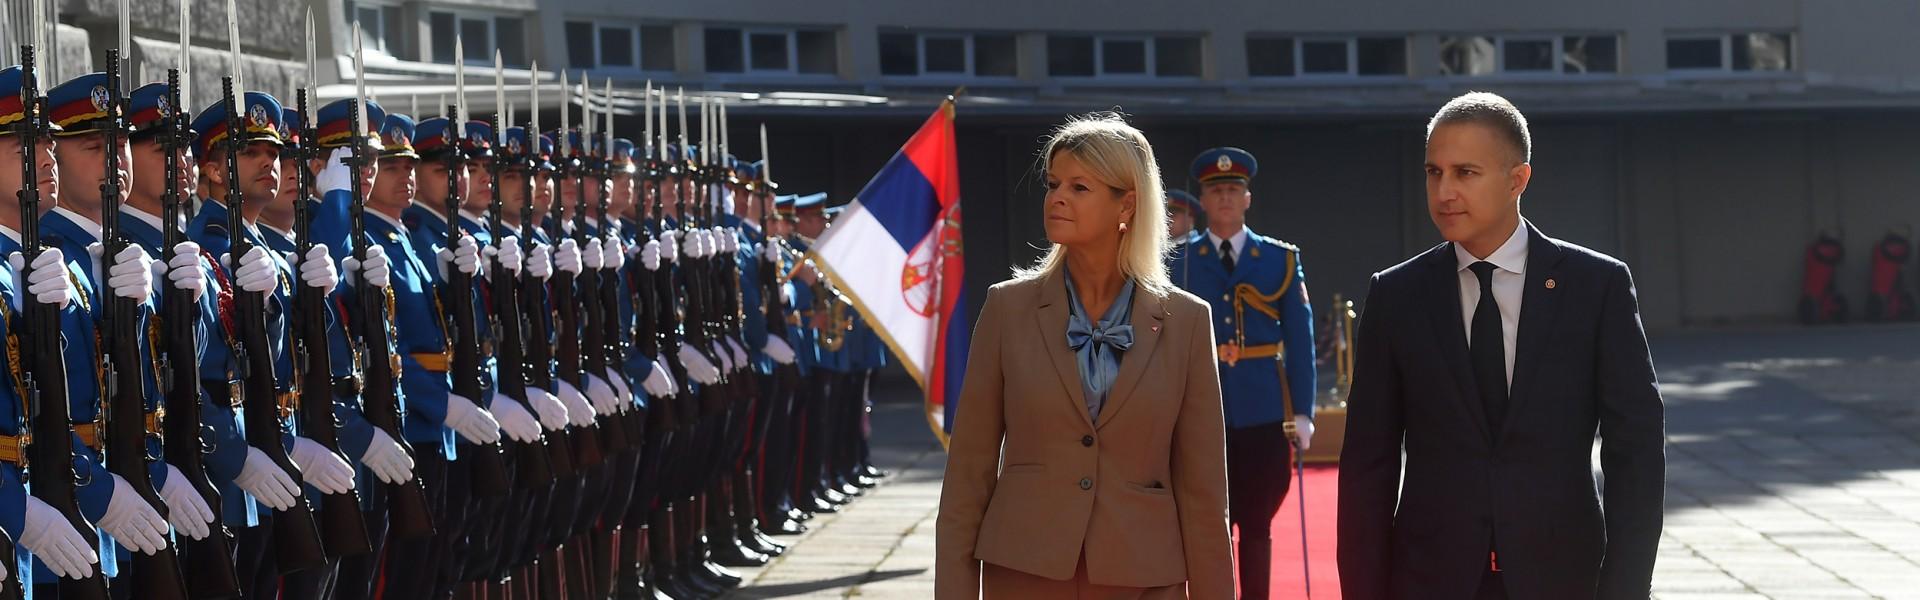 Састанак министра Стефановића и министарке Танер